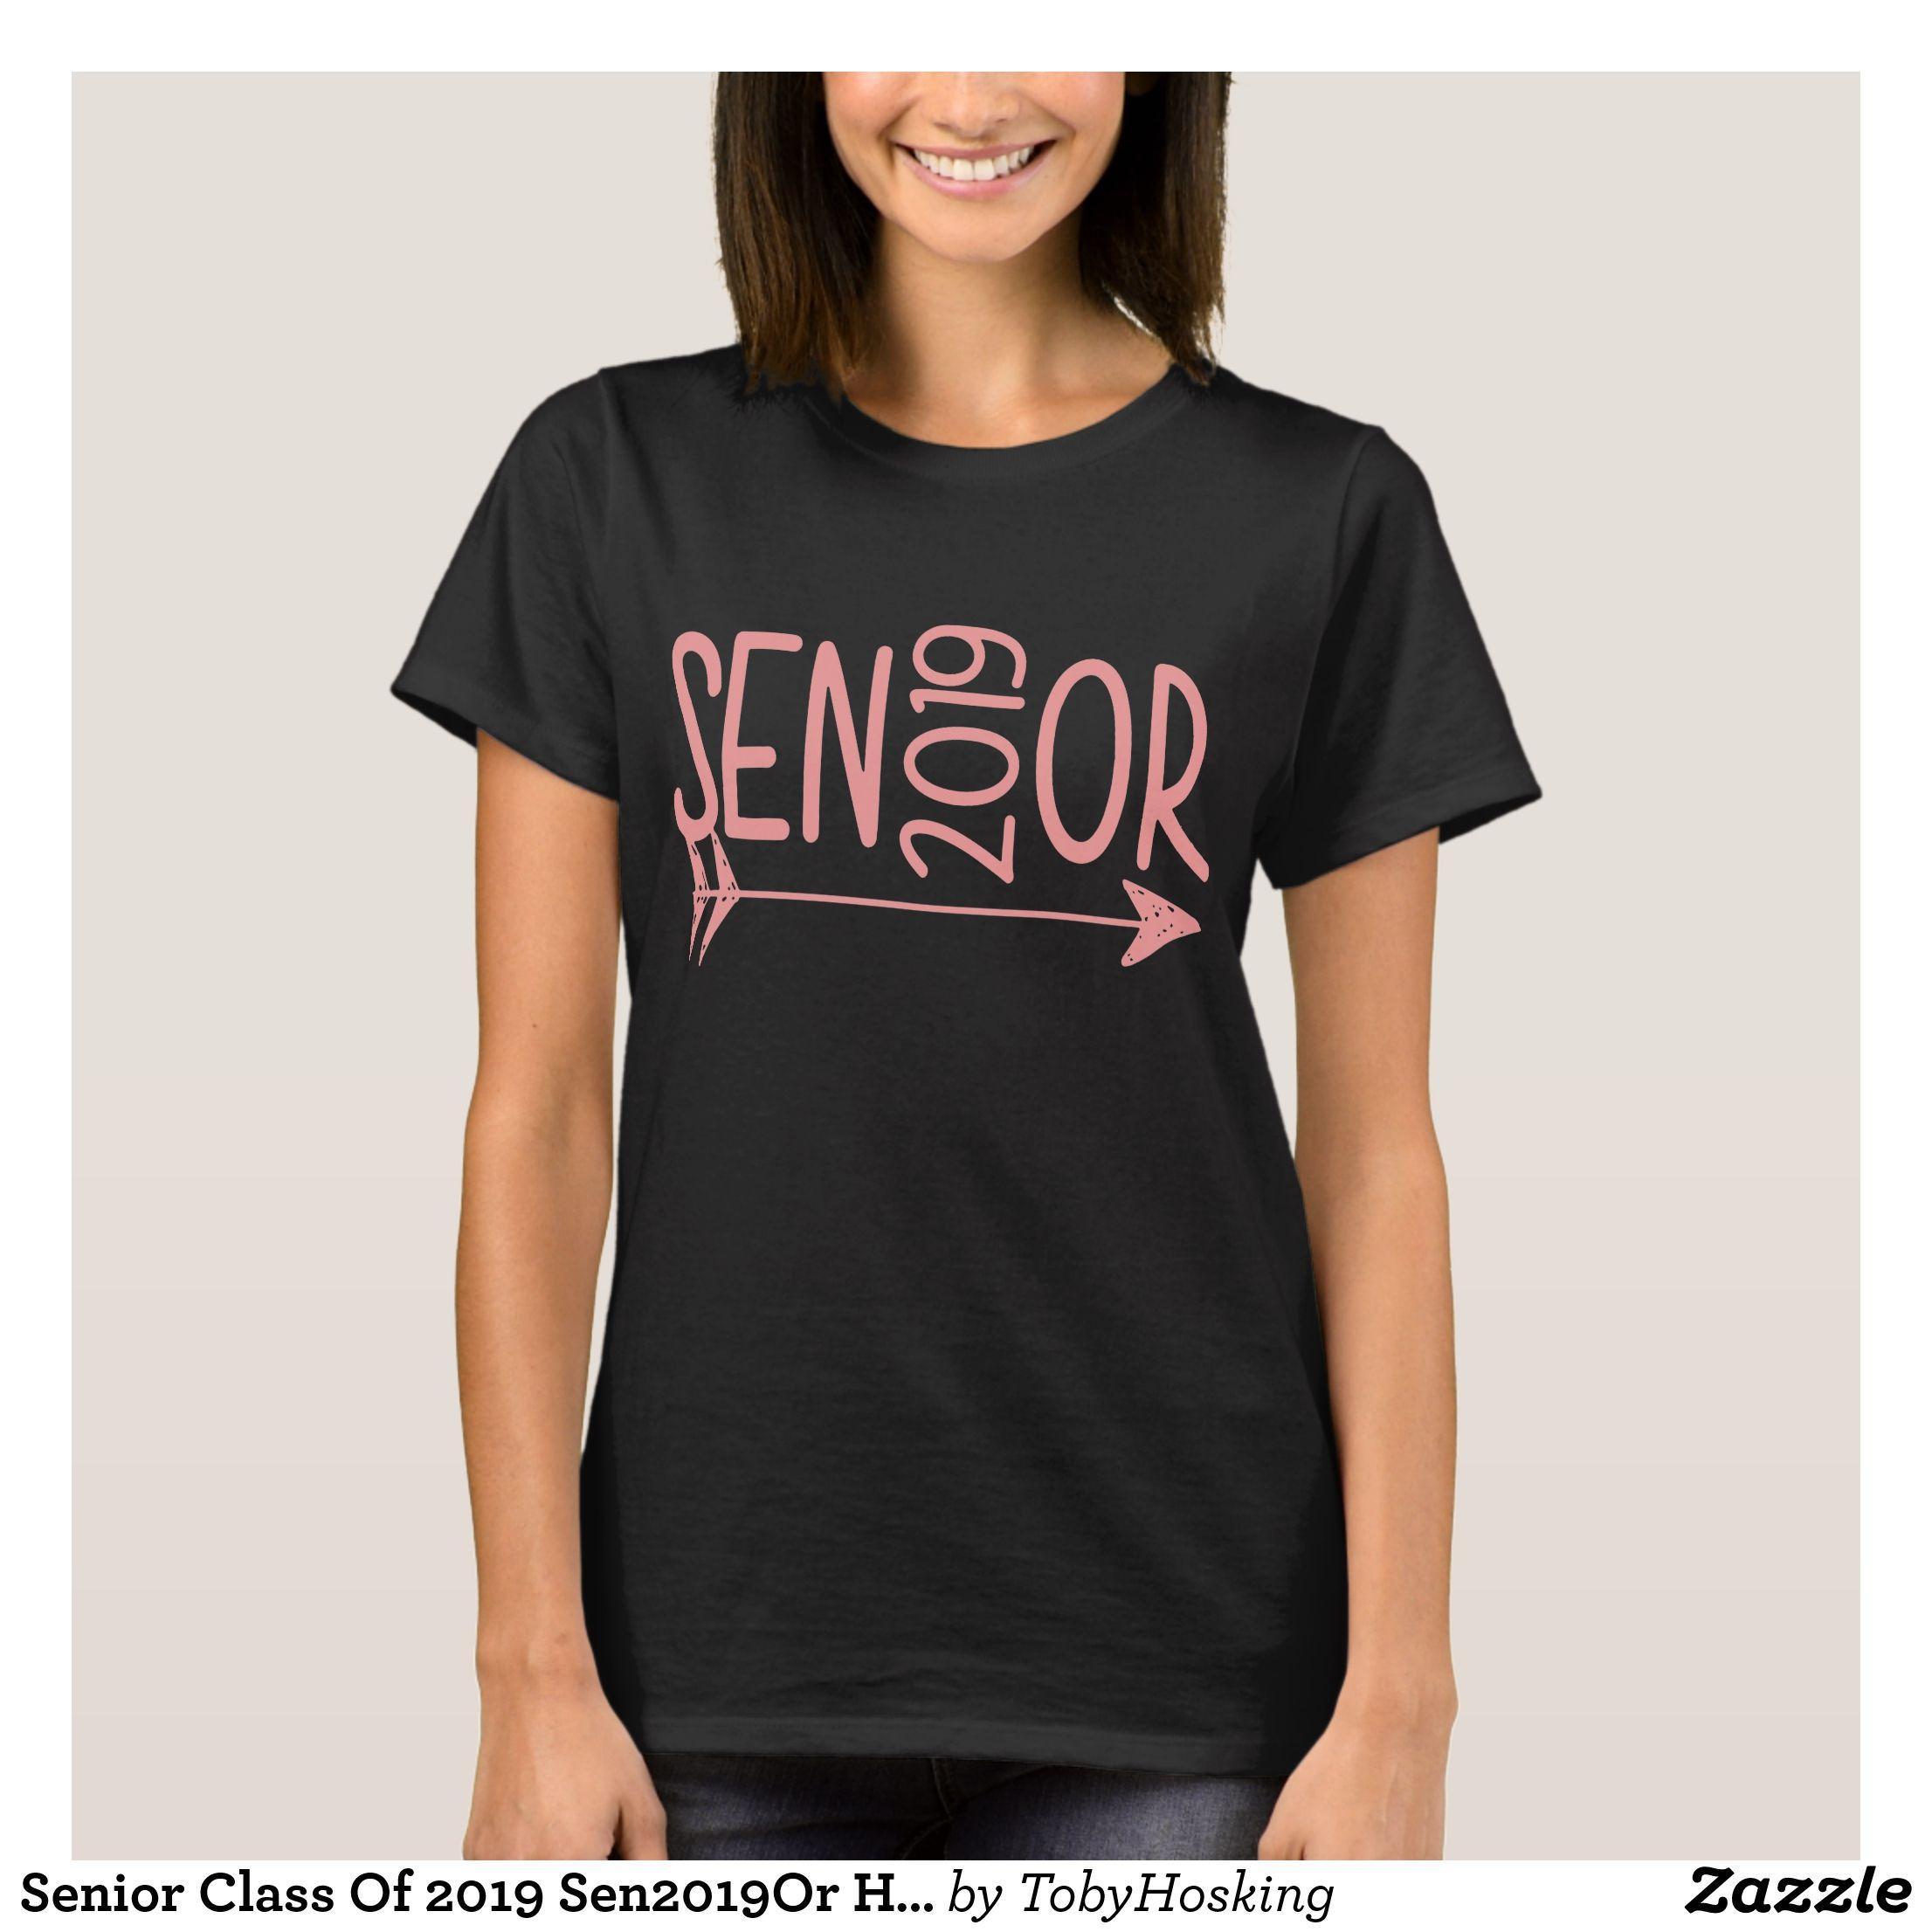 63f761dfe3f24 Senior Class Of 2019 Sen2019Or Hanes Tagless Senio T-Shirt - Fashionable Women s  Shirts By Creative Talented Graphic Designers -  shirts  tshirts  fashion  ...